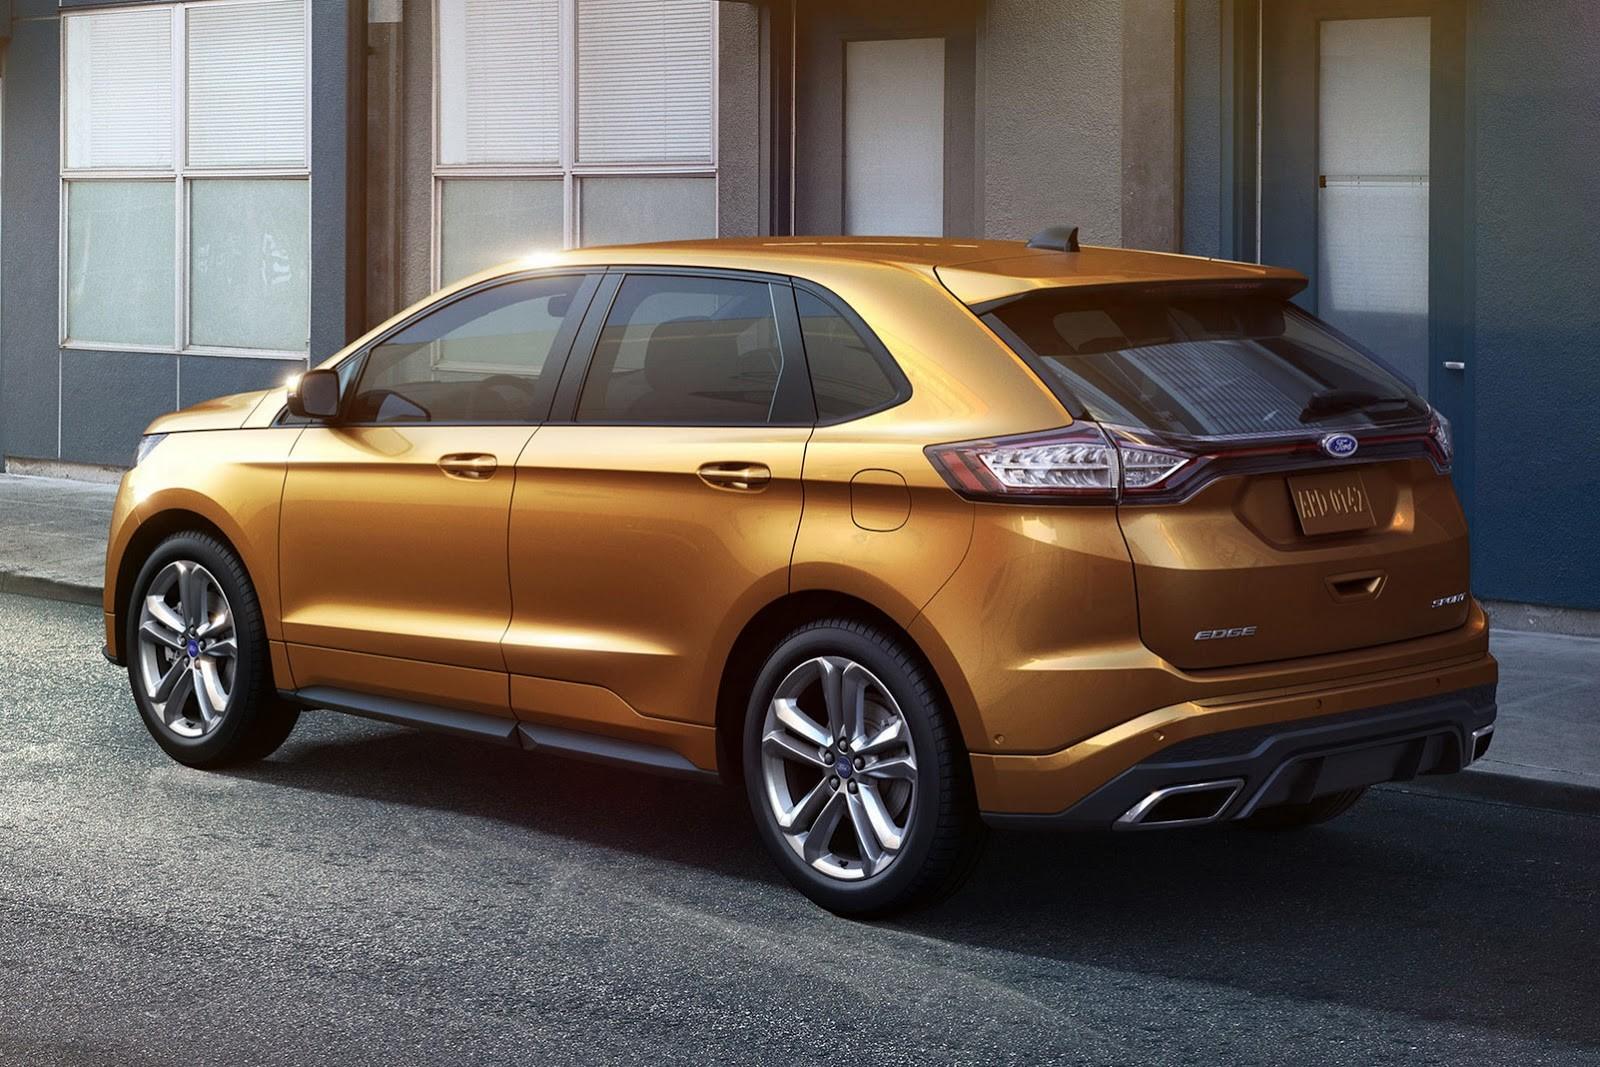 форд эдж концепт автосалон америка апрель 2014 цена